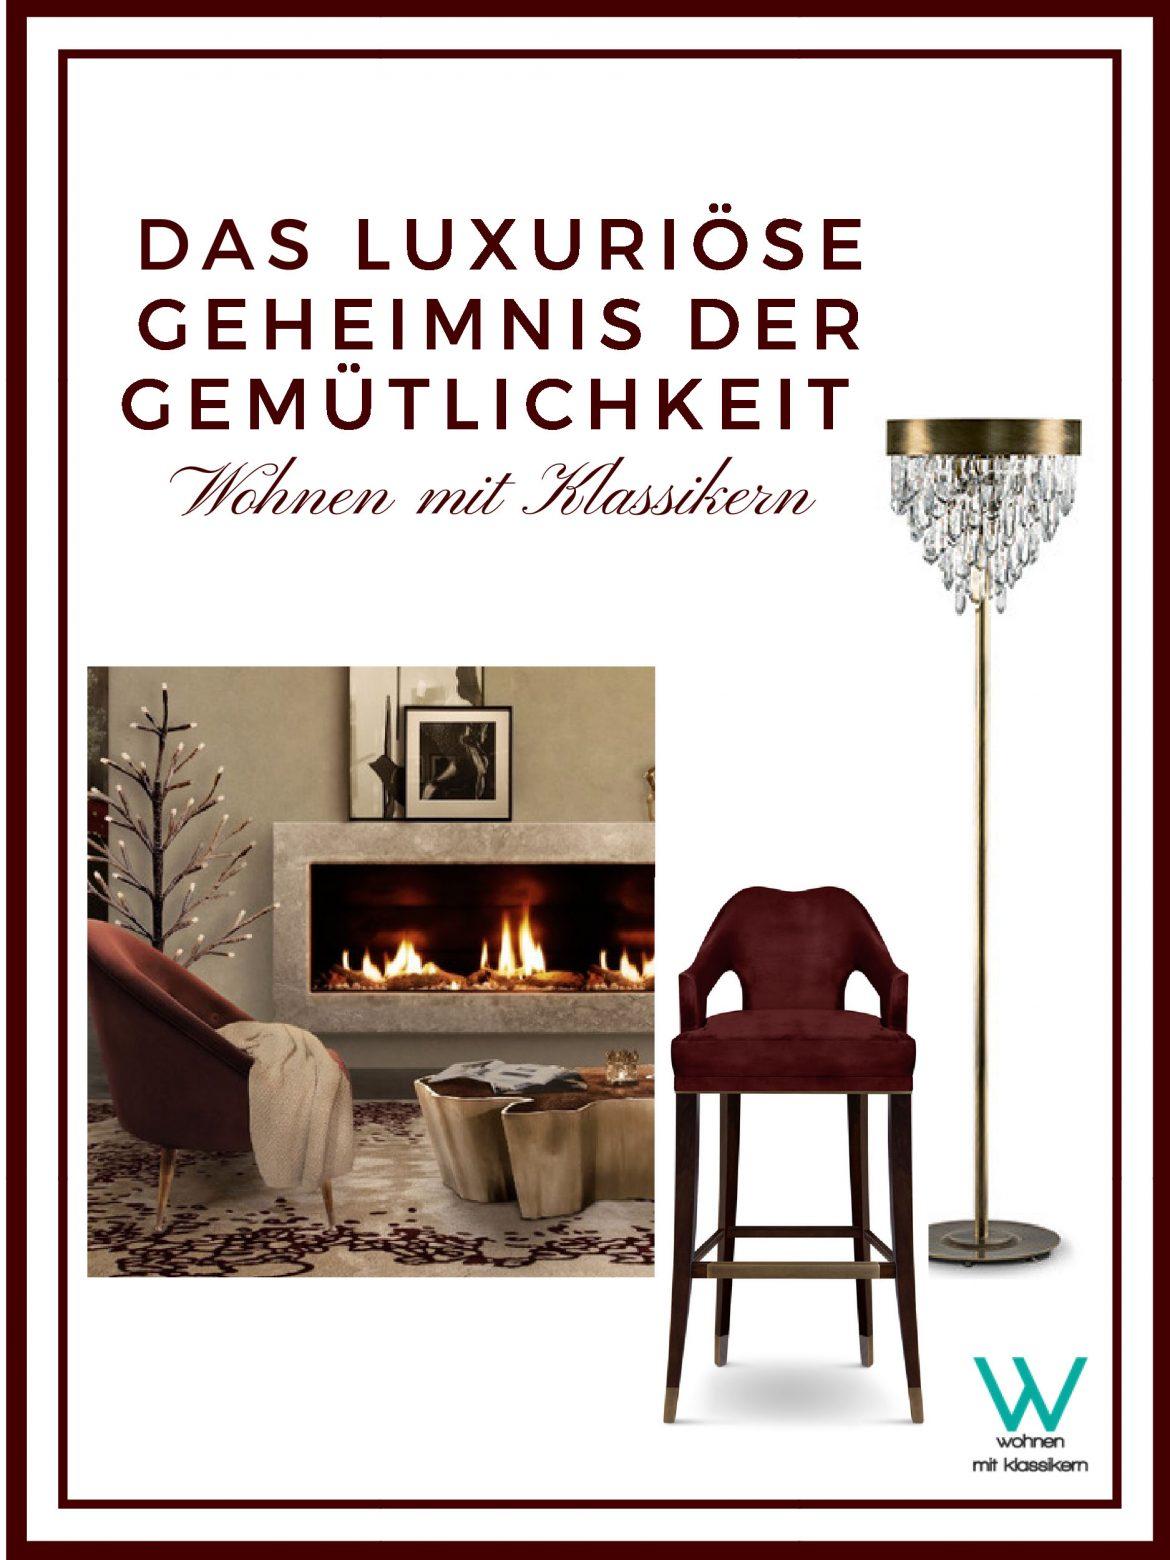 Das luxuriöse Möbel Geheimnisse der Gemütlichkeit luxuriöse Möbel Das luxuriöse Möbel Geheimnisse der Gemütlichkeit DAS LUXURI  SE GEHEIMNIS DER GEM  TLICHKEIT 1